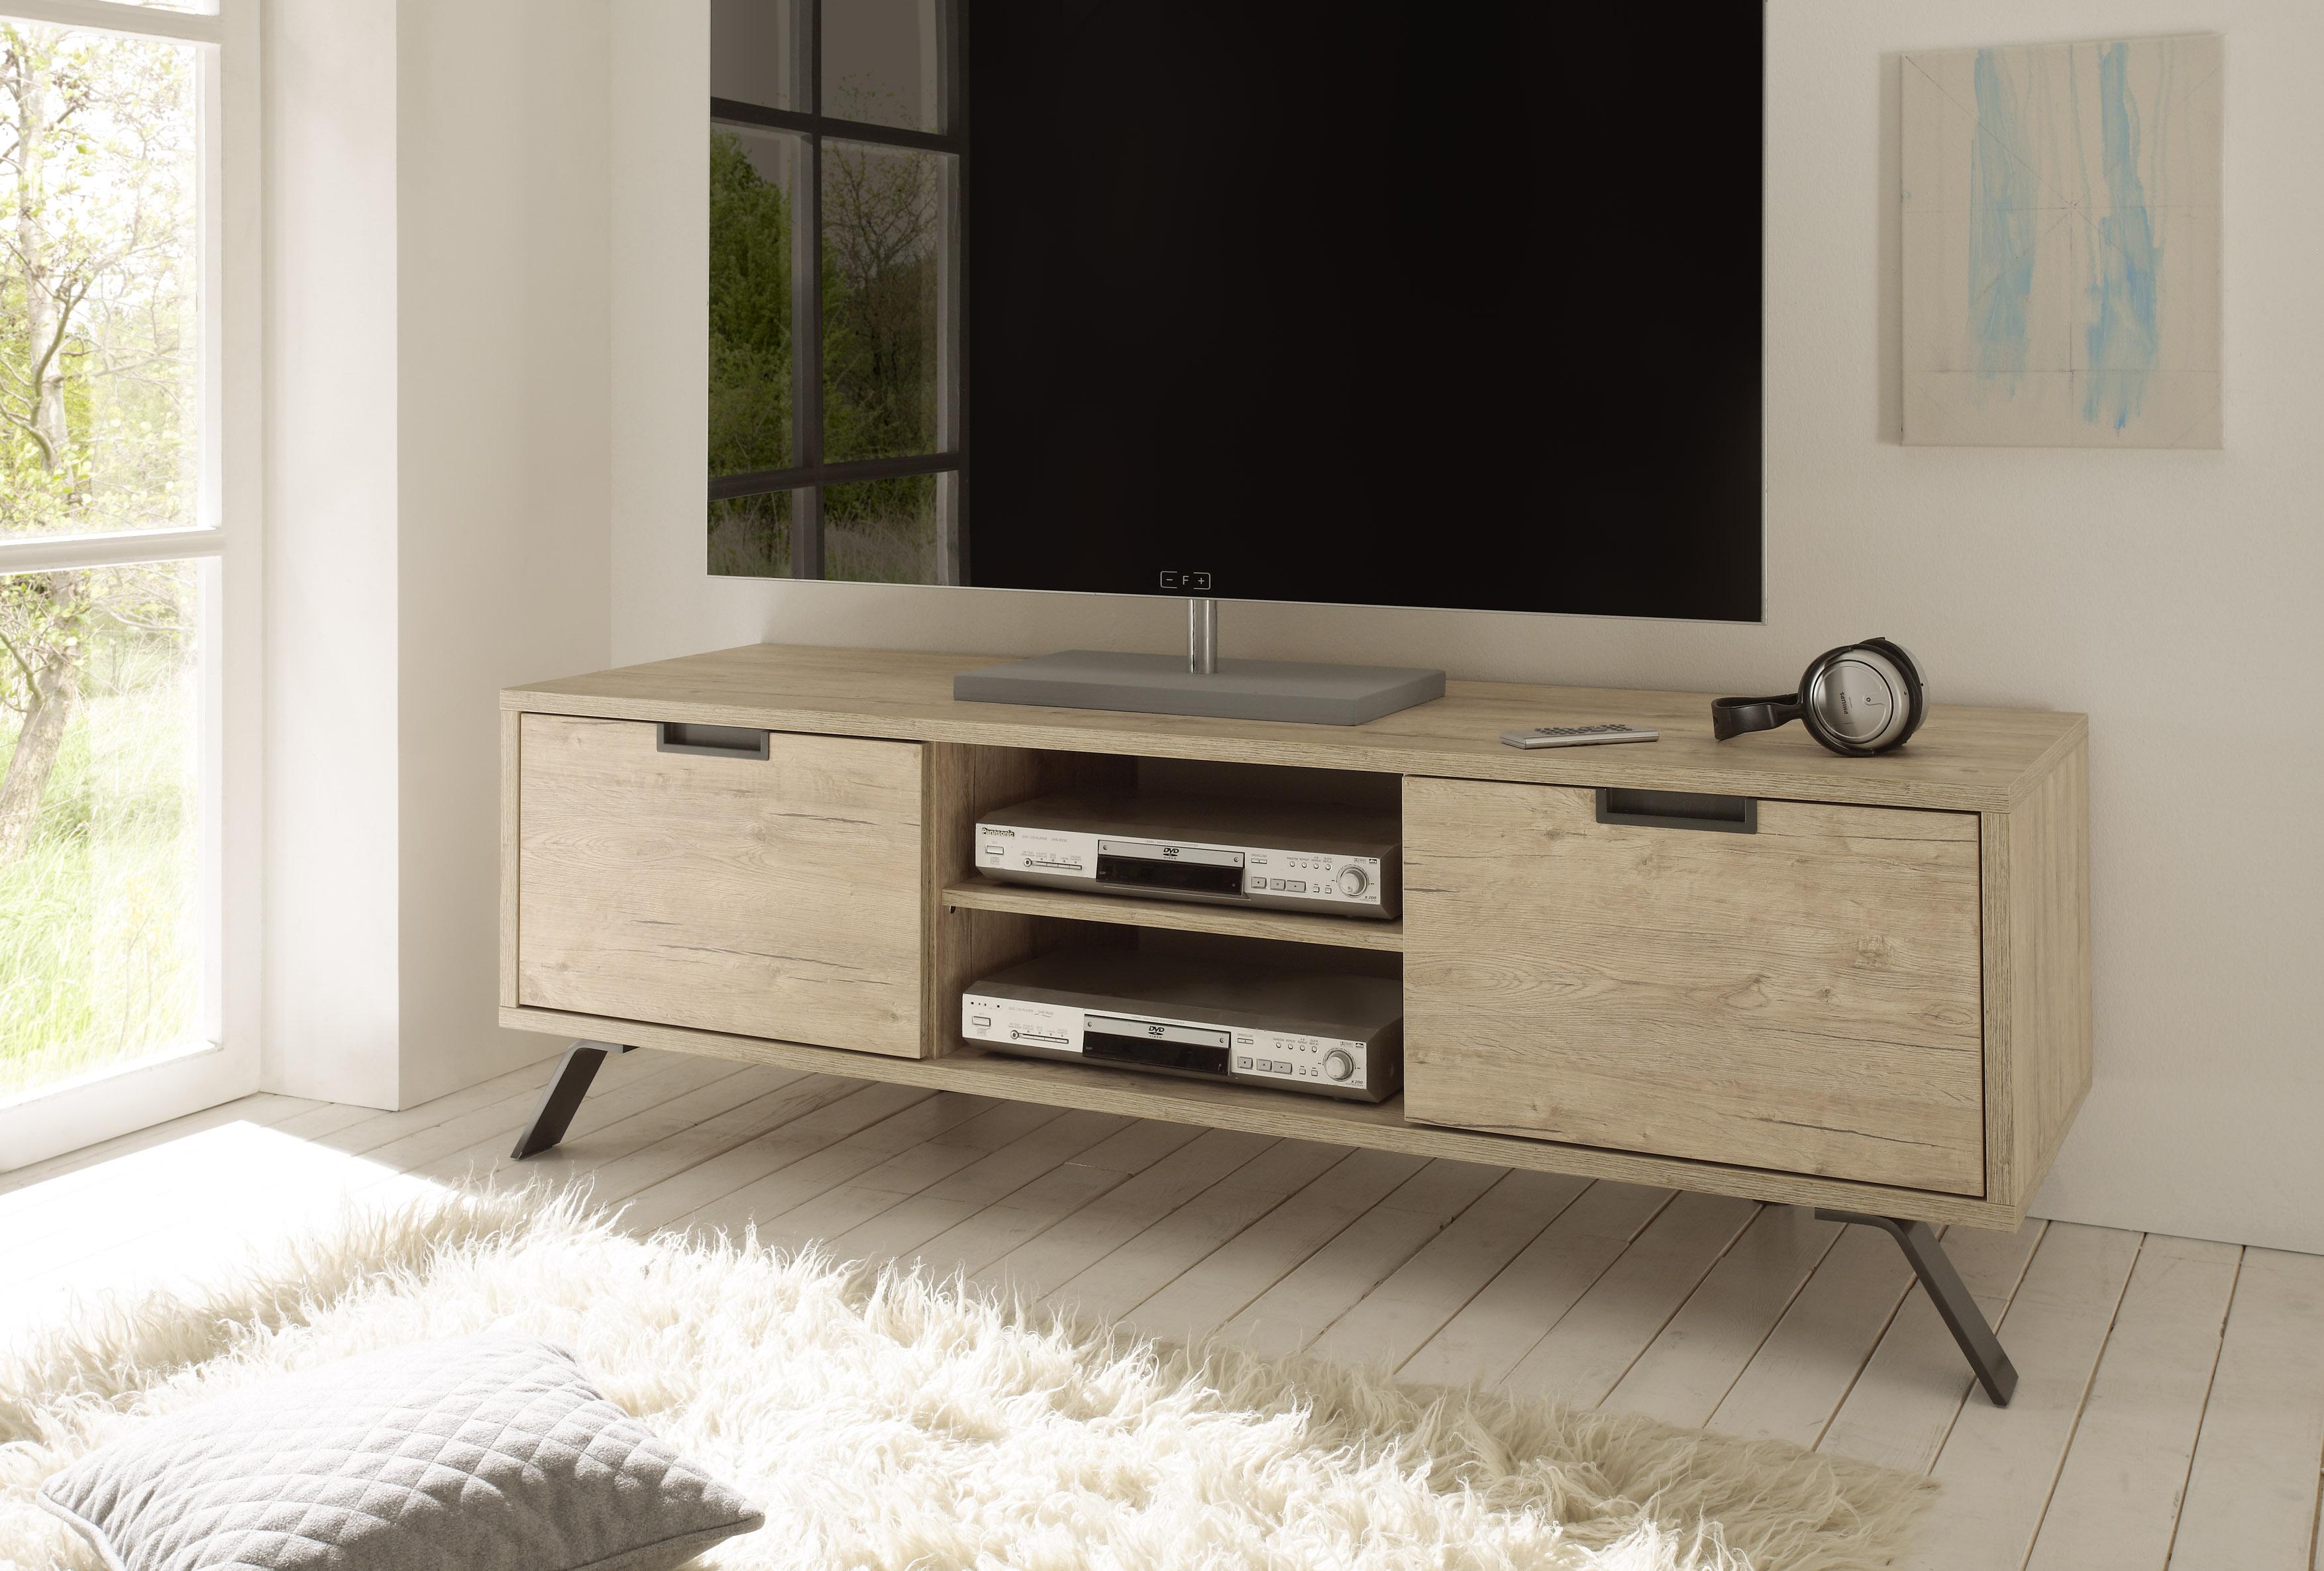 Eiken kleurige tv meubels kopen meubeldeals